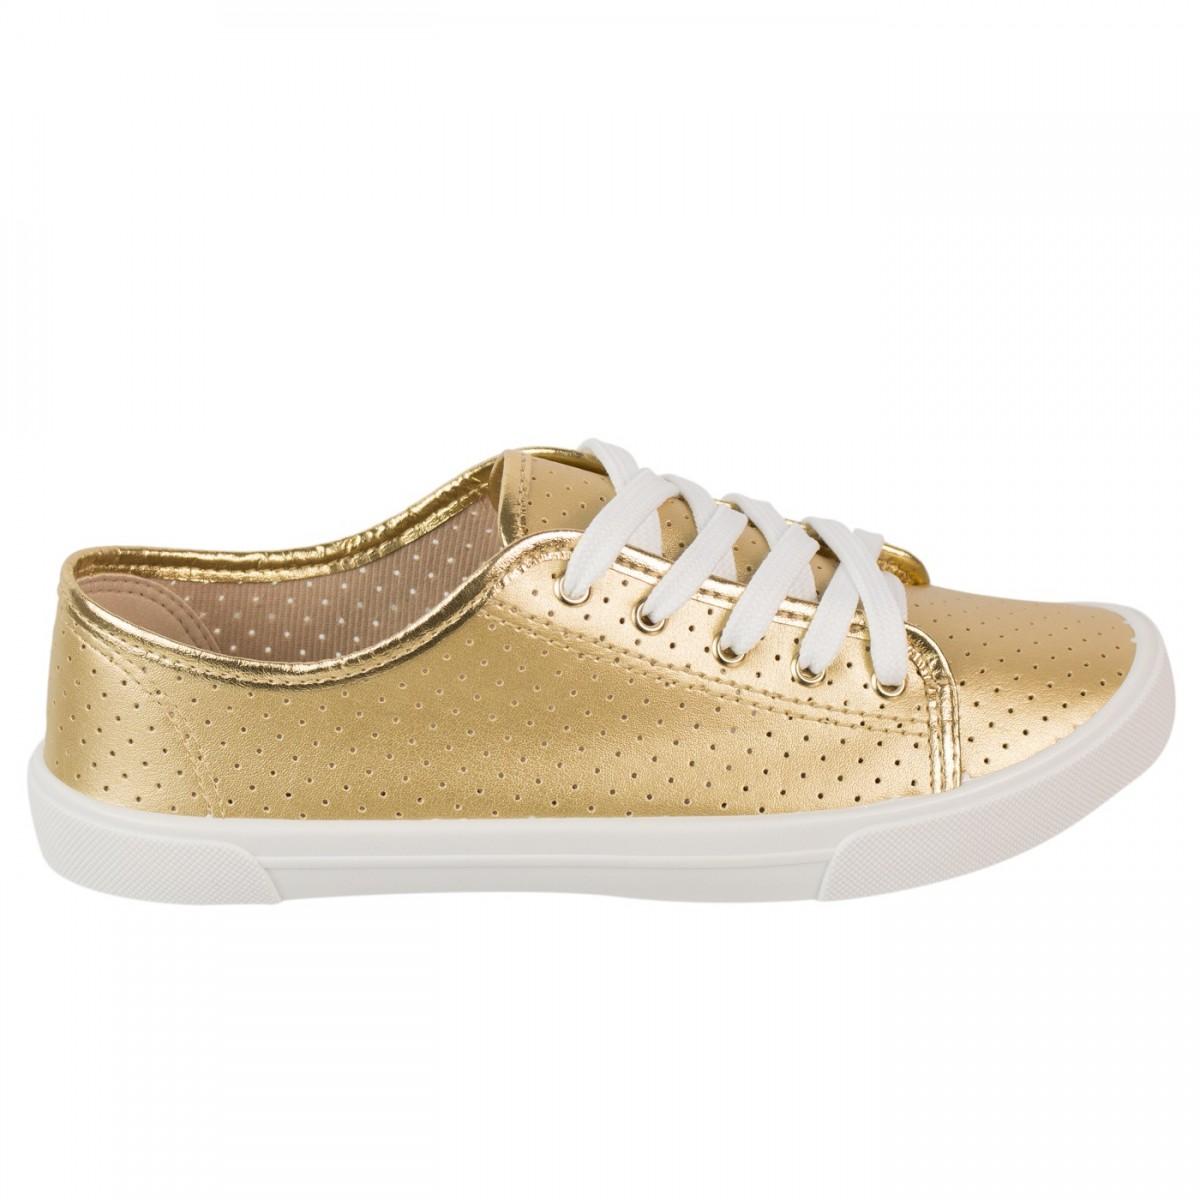 65a8506bf00 Bizz Store - Tênis Feminino Moleca Napa Sardenha Branco Ouro